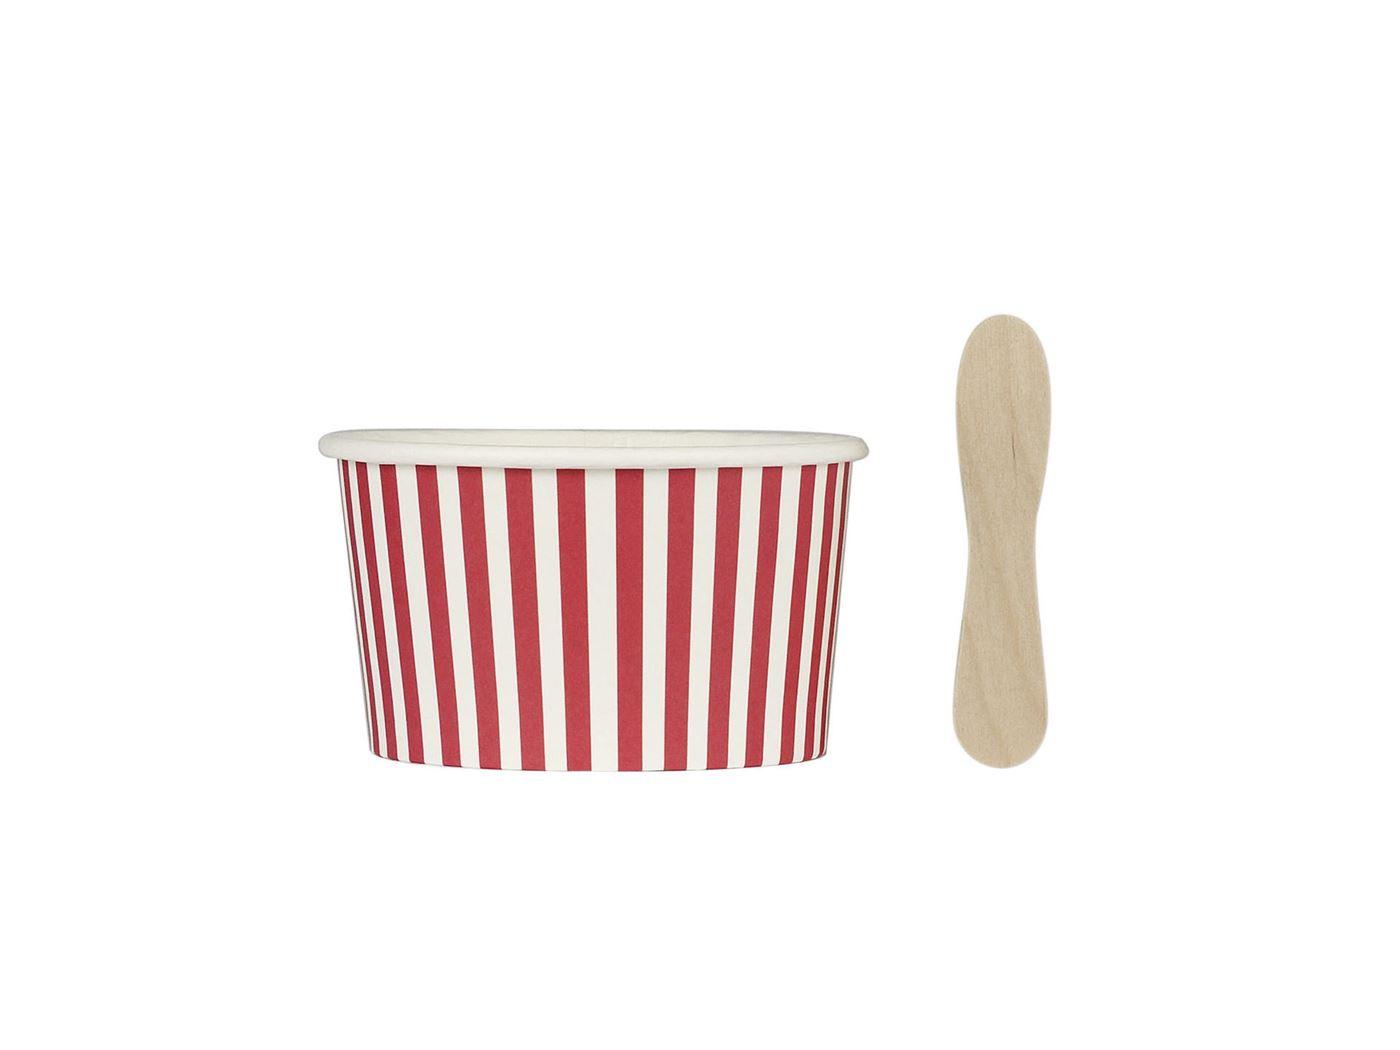 ijspotjes met houten lepeltjes candy stripes (12sts)